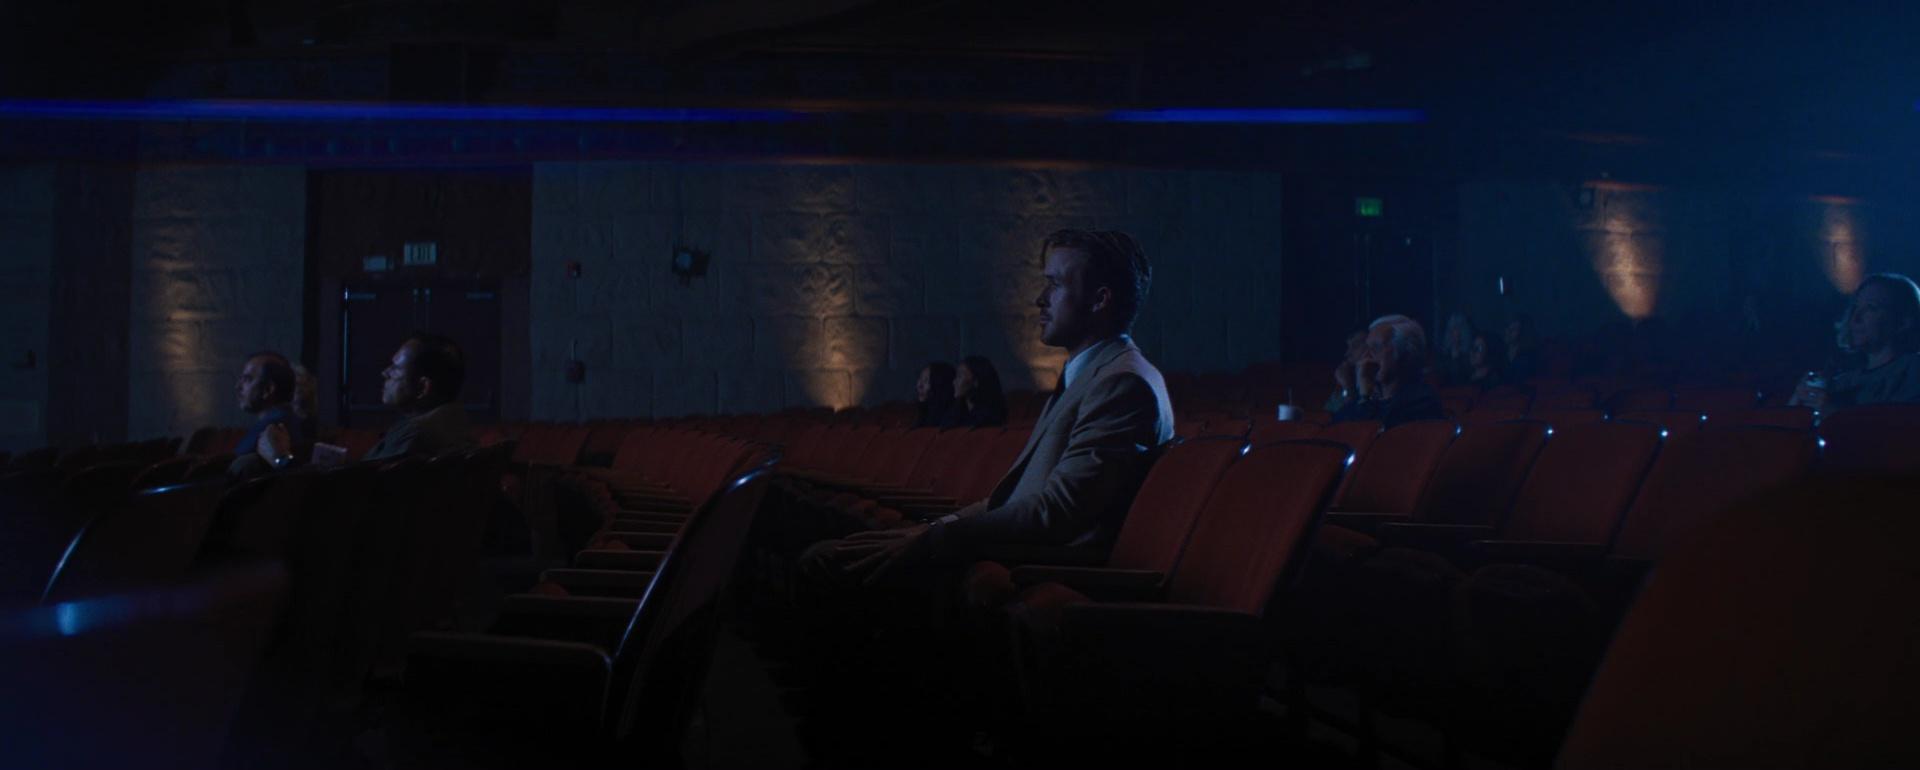 La La Land film still 6